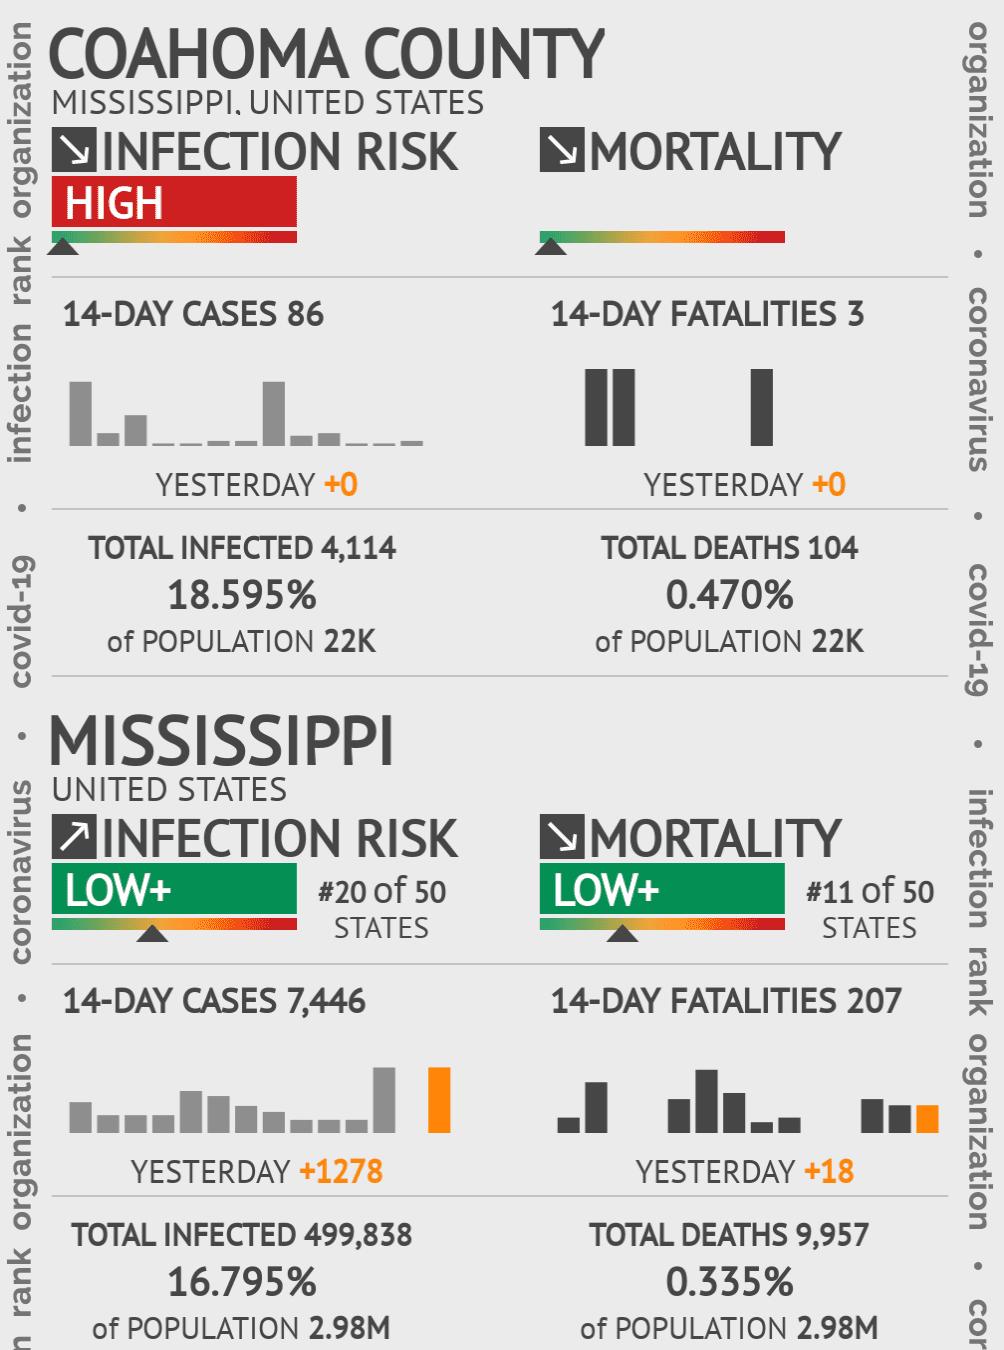 Coahoma County Coronavirus Covid-19 Risk of Infection on July 24, 2021